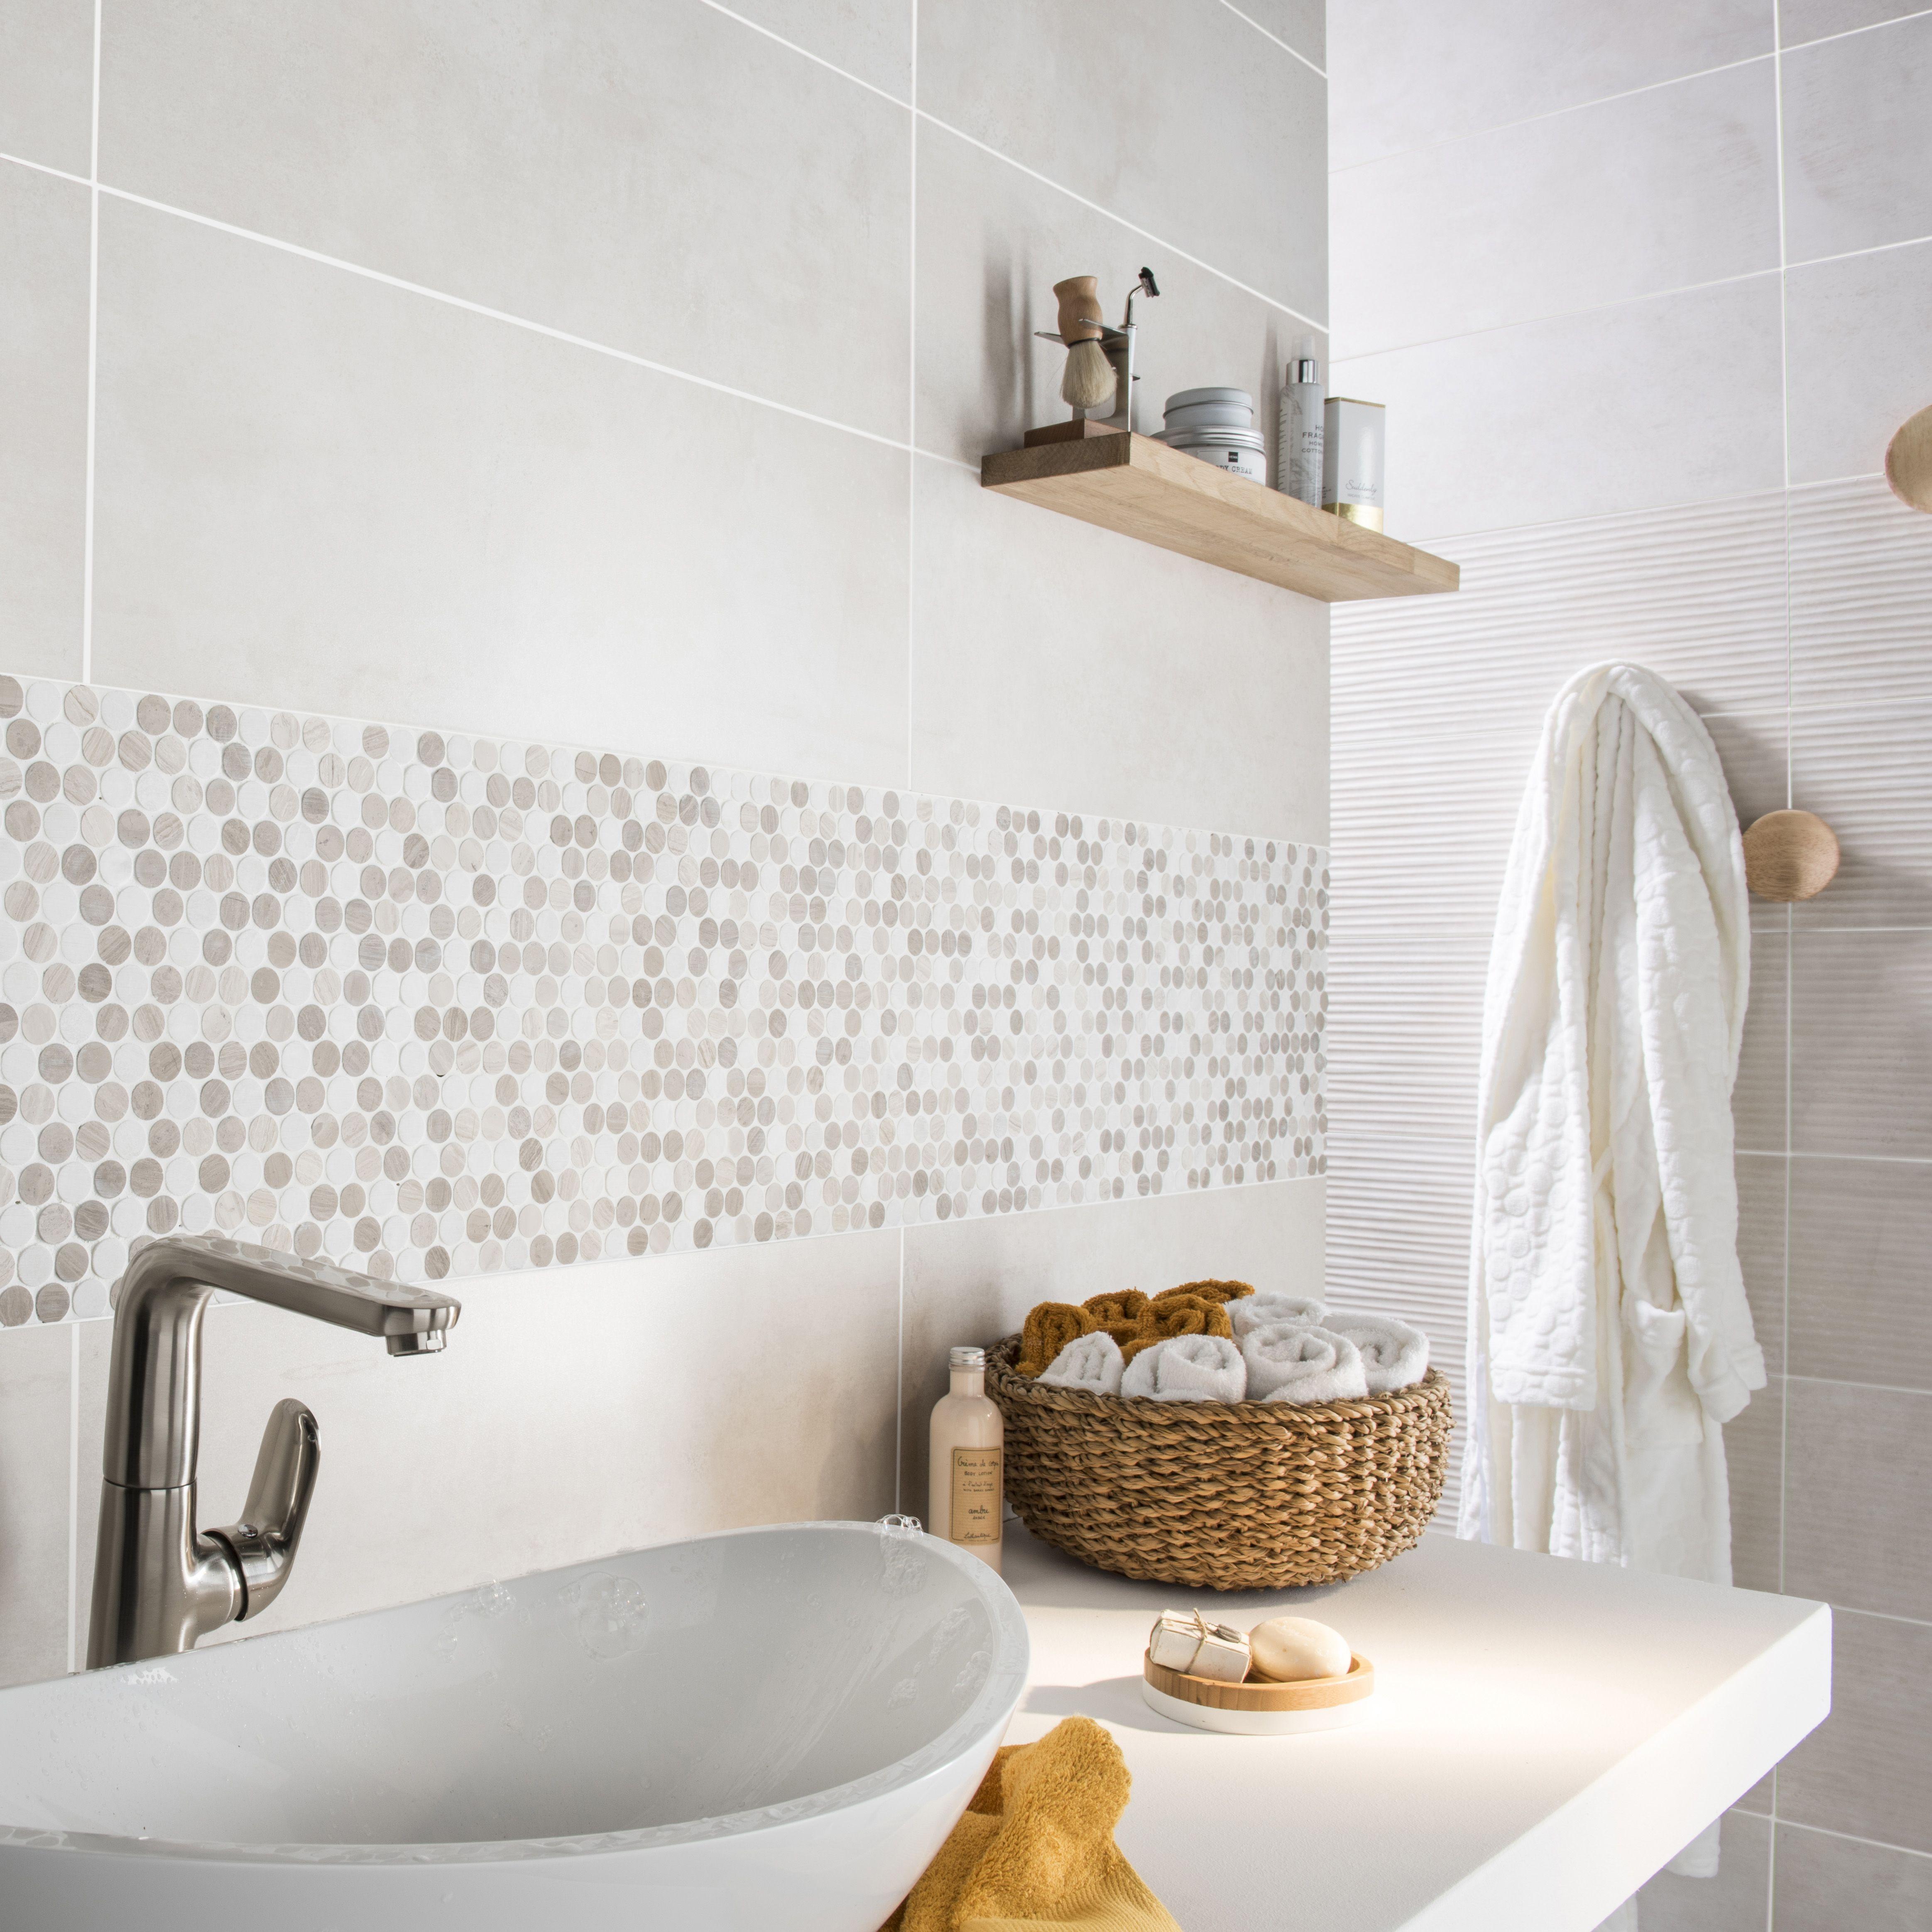 mosaque en marbre blanc et moka pour dcorer le mur de votre salle de bain salledebains mosaique ideedeco marbre